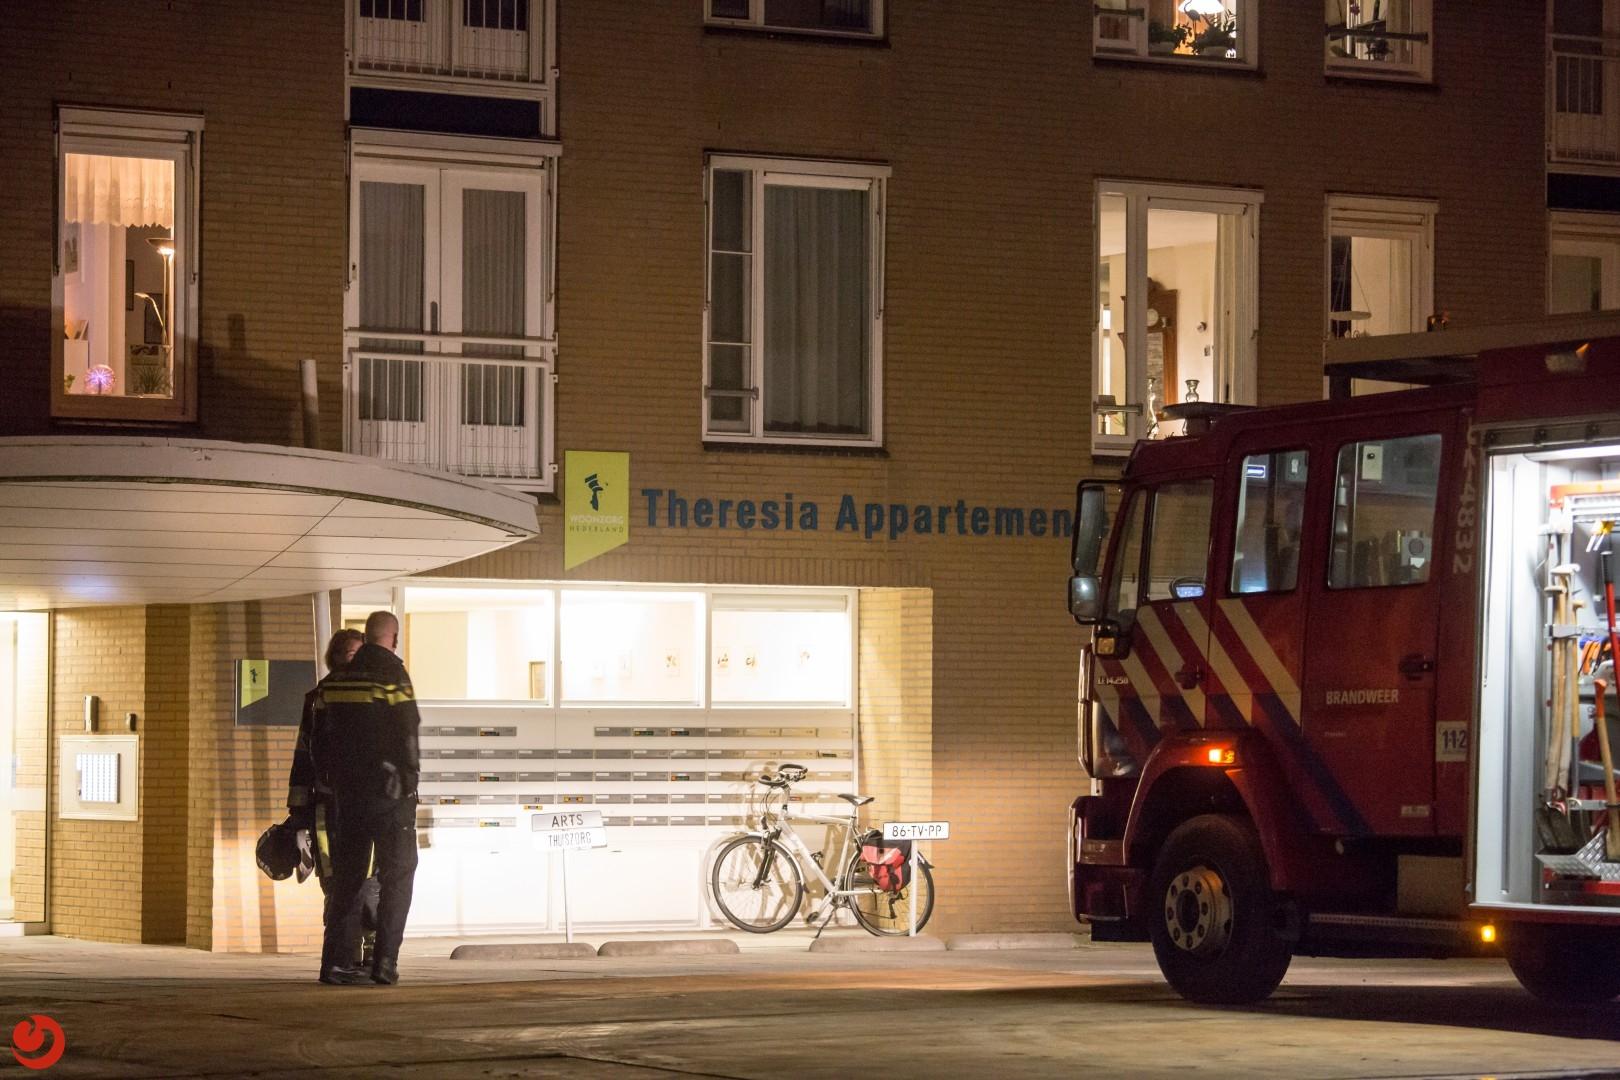 Korte keukenbrand in Theresia